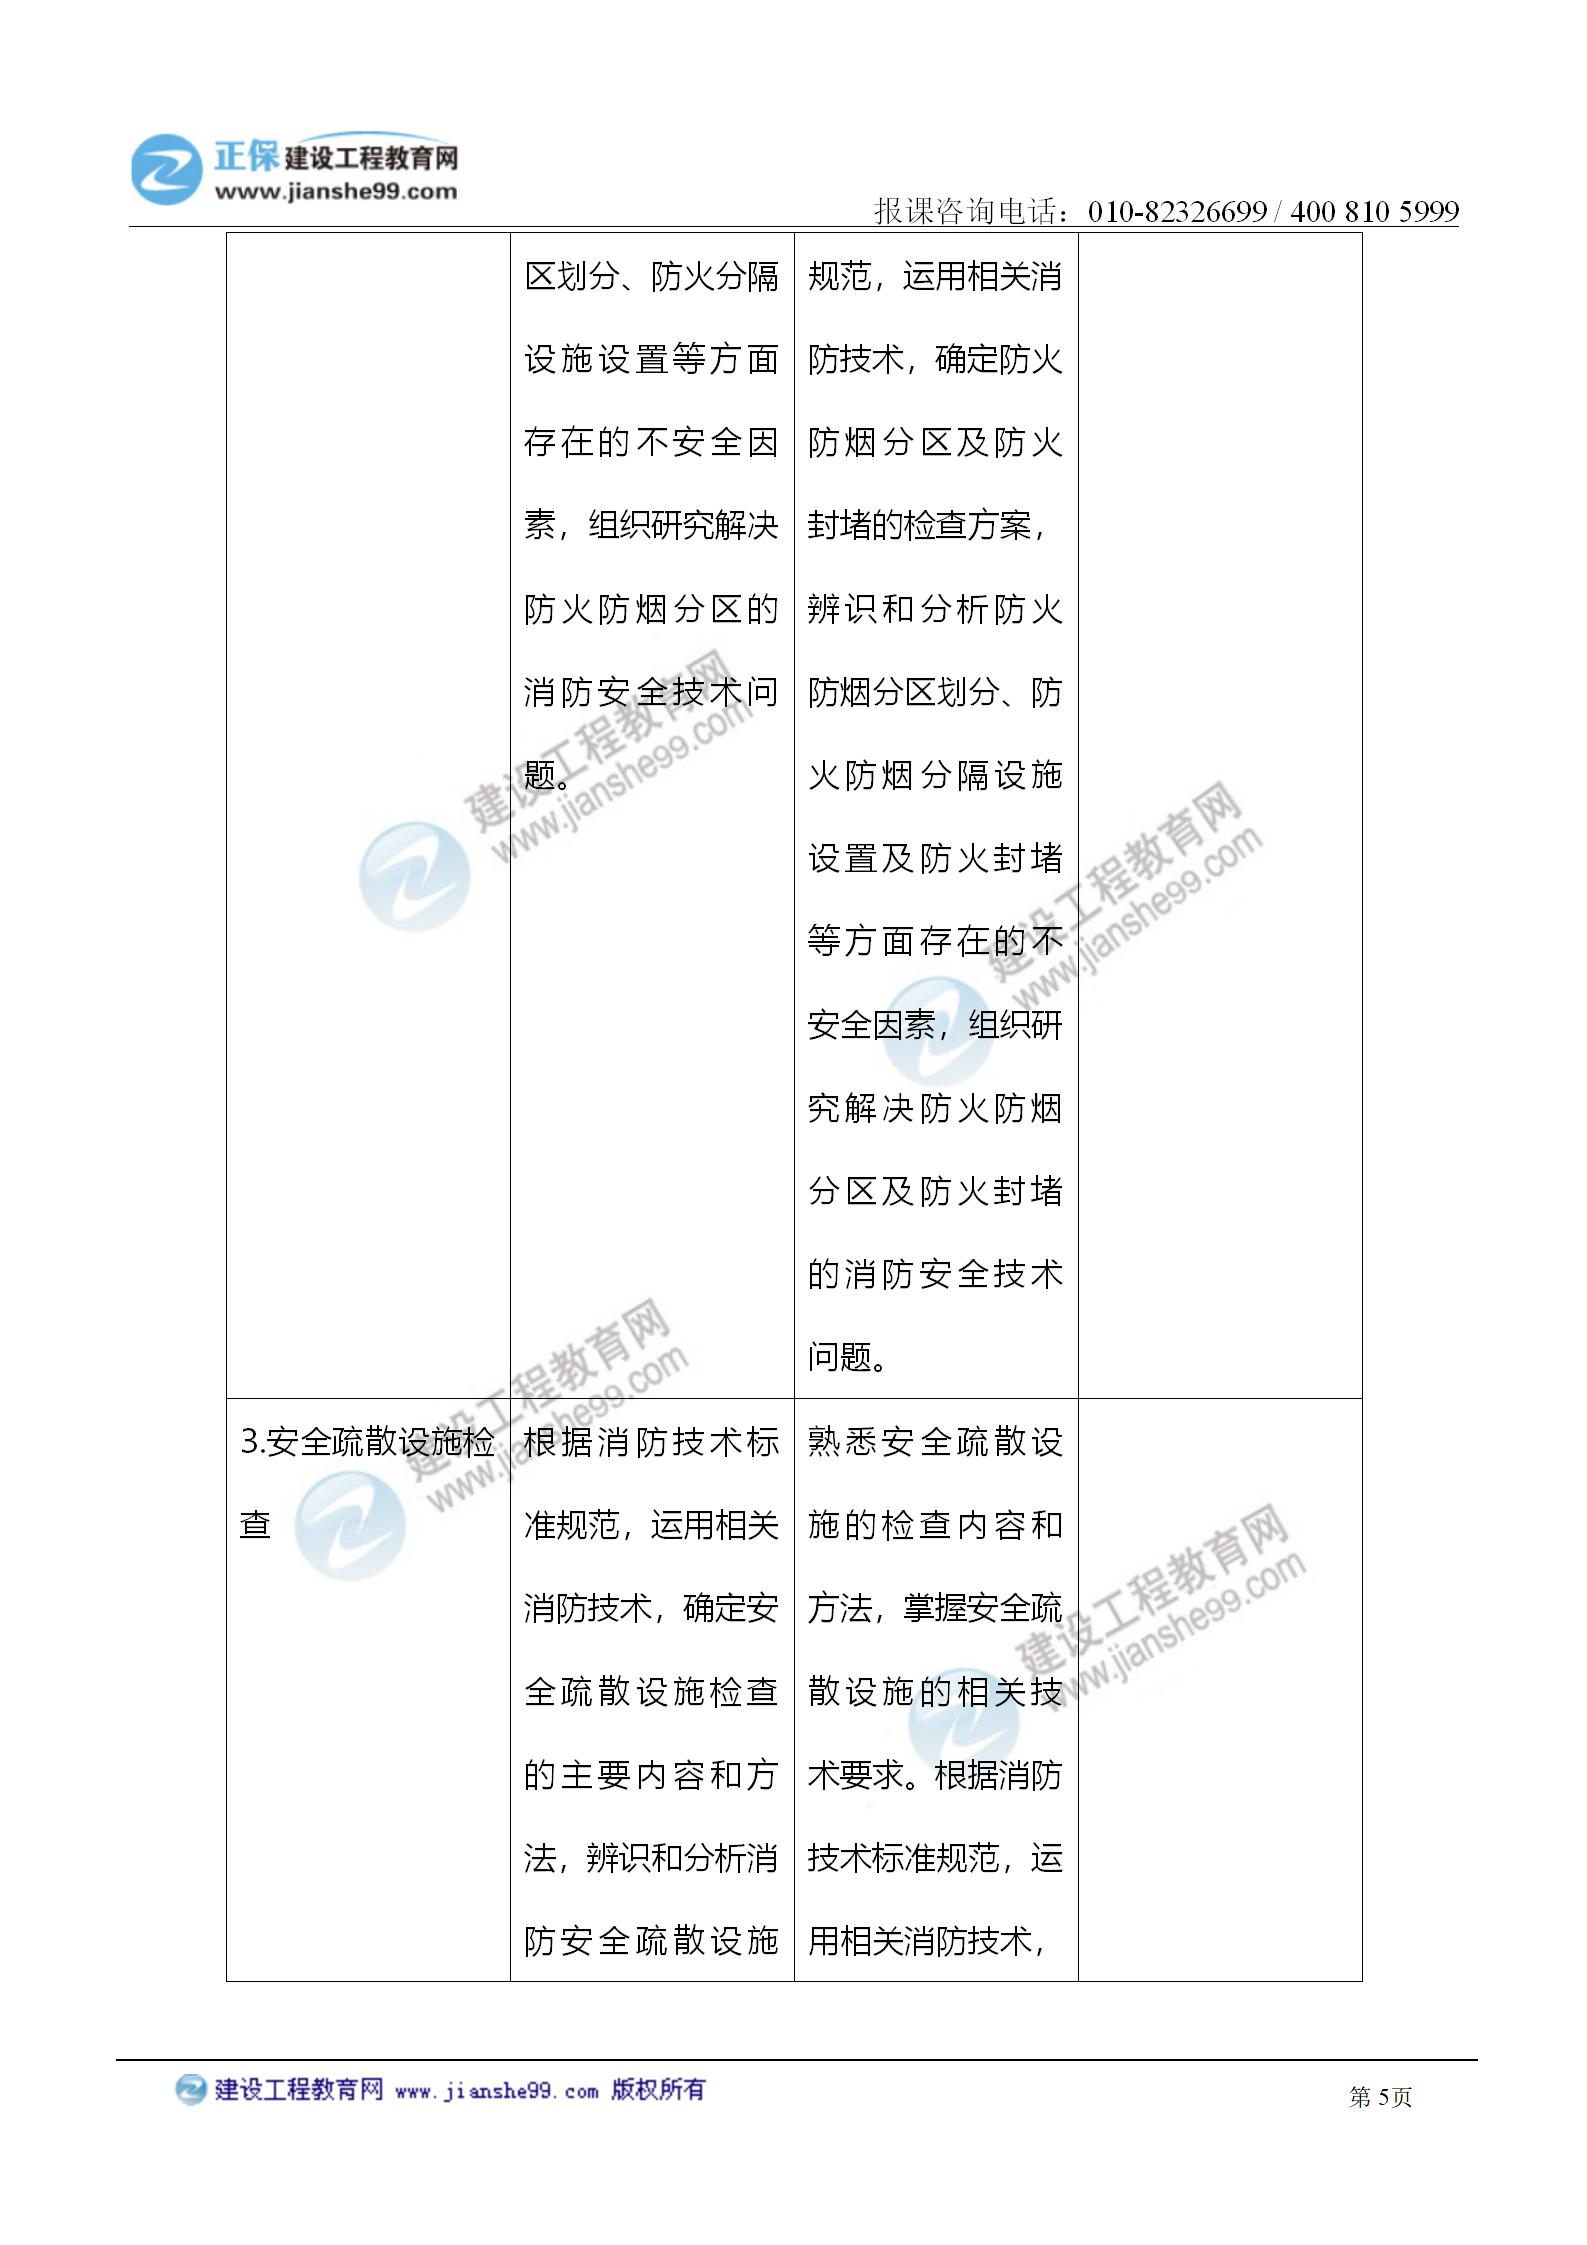 2021注册消防工程师《综合能力》考试大纲变化情况_05